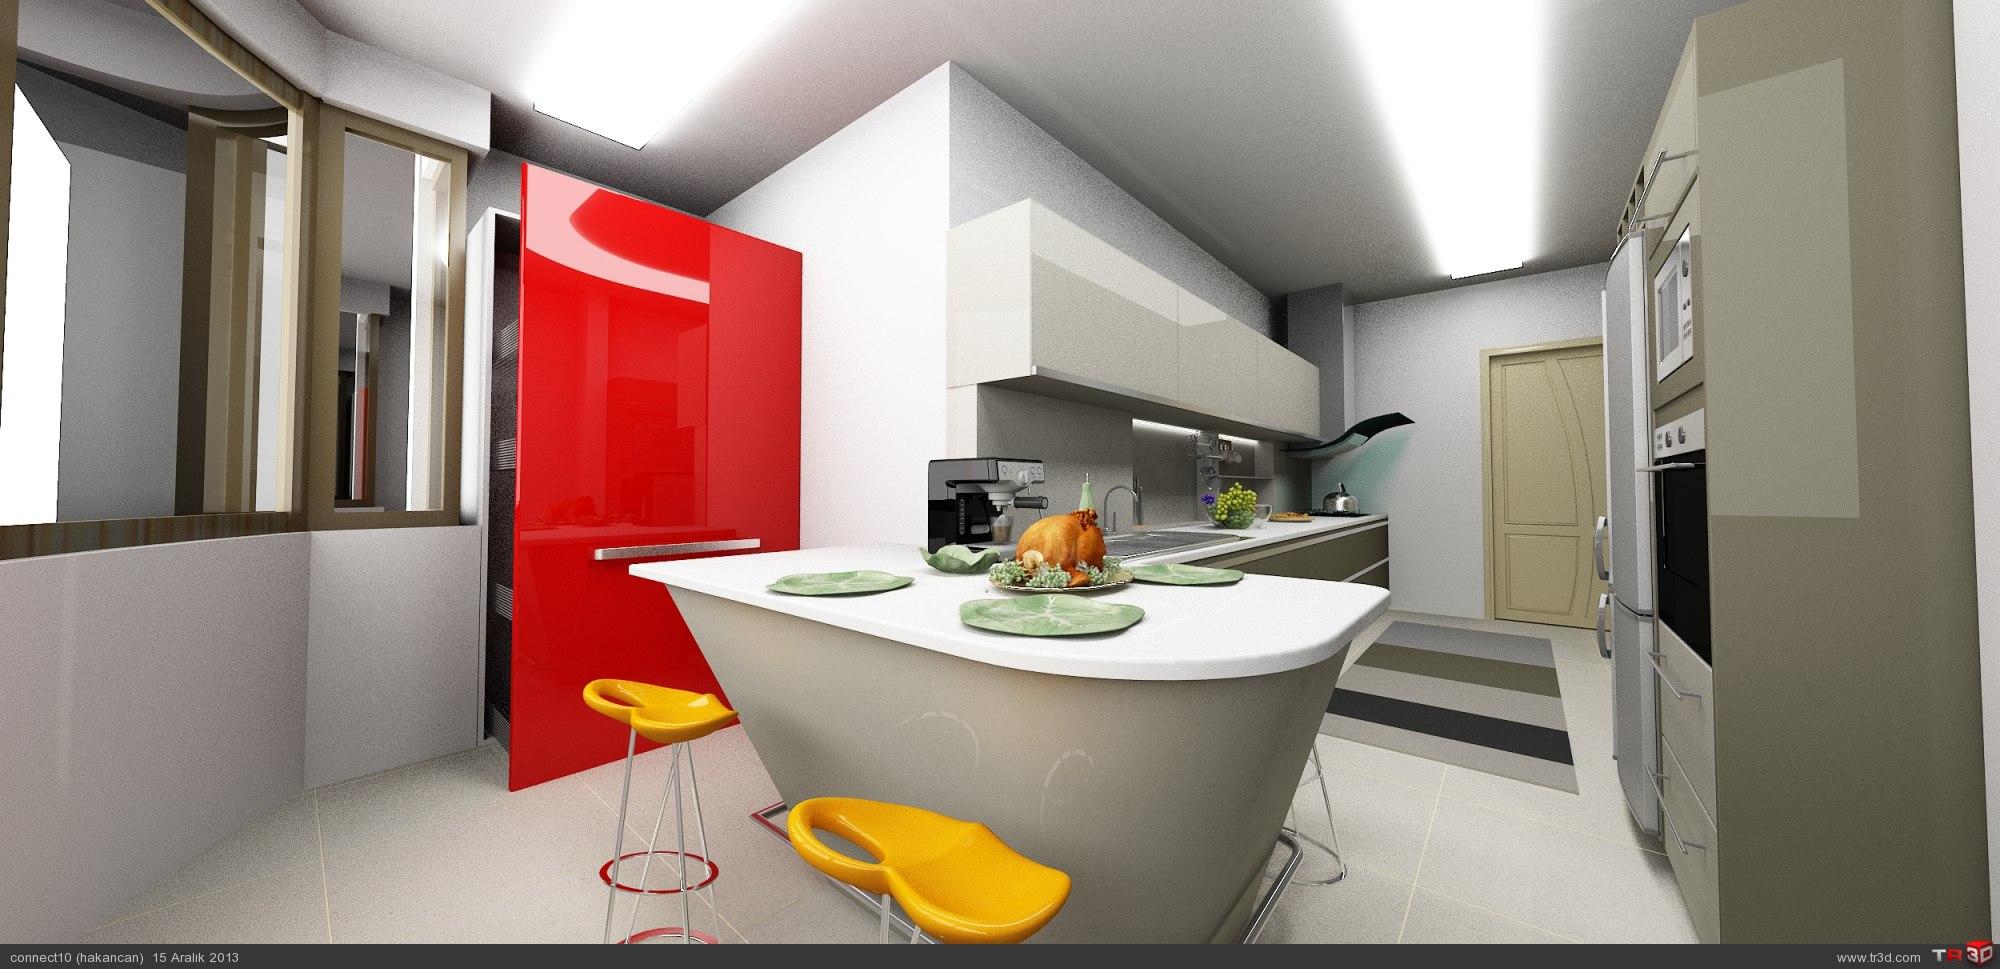 mutfak tasarımı 3